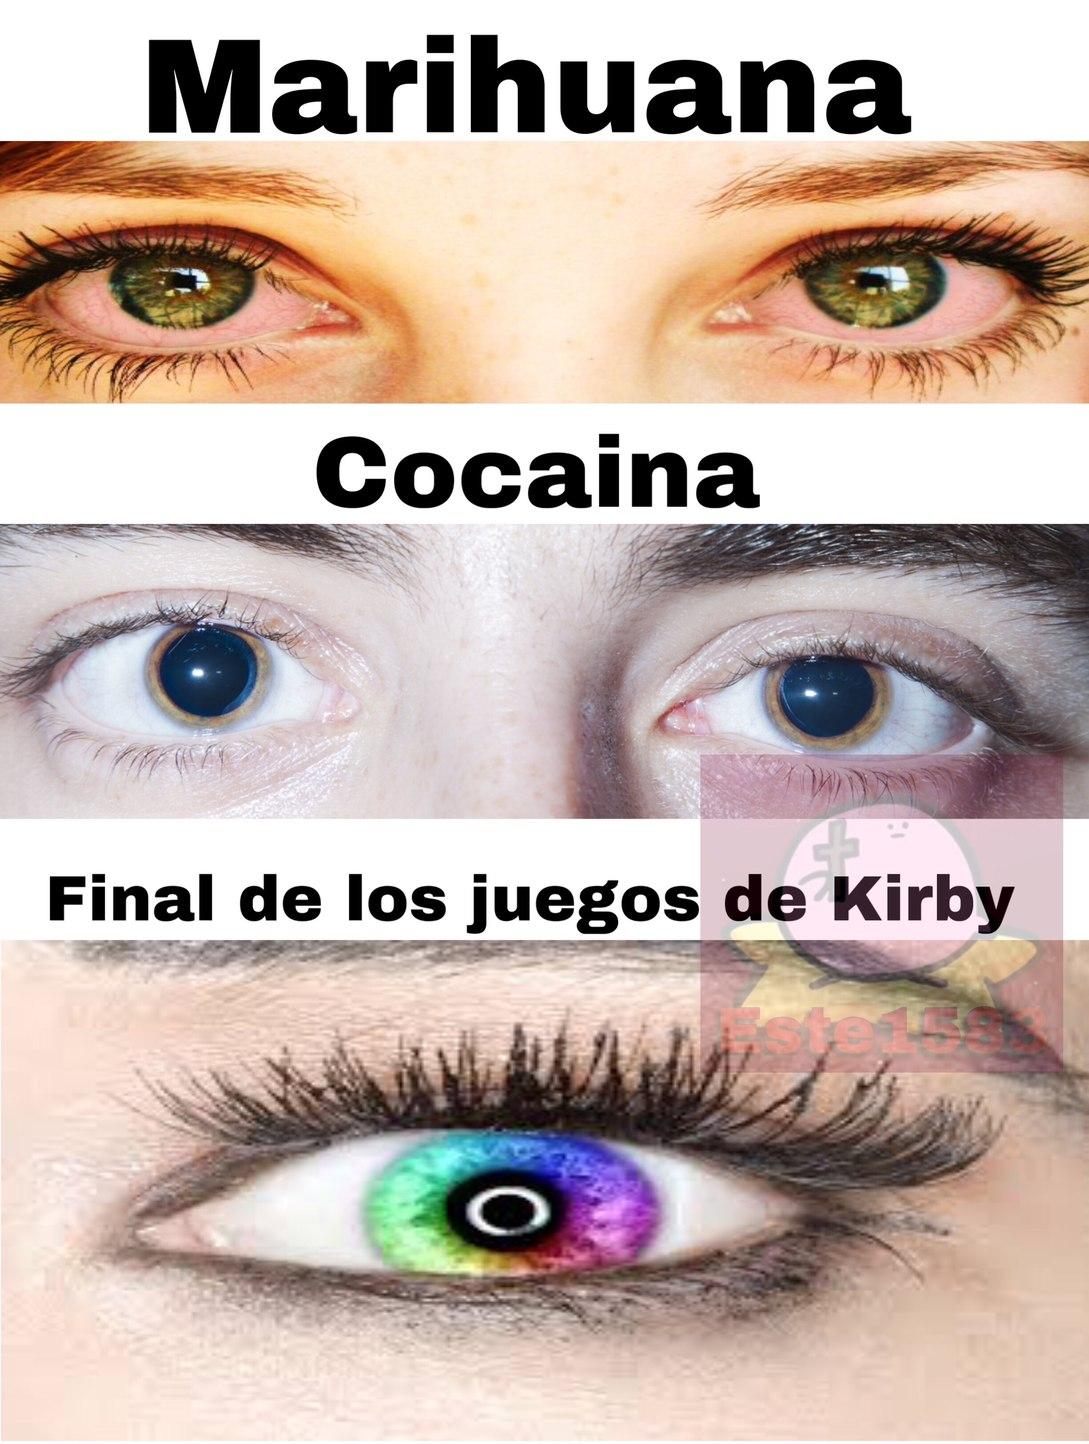 Final de juegos de Kirby, peor que cualquier droga 0: - meme